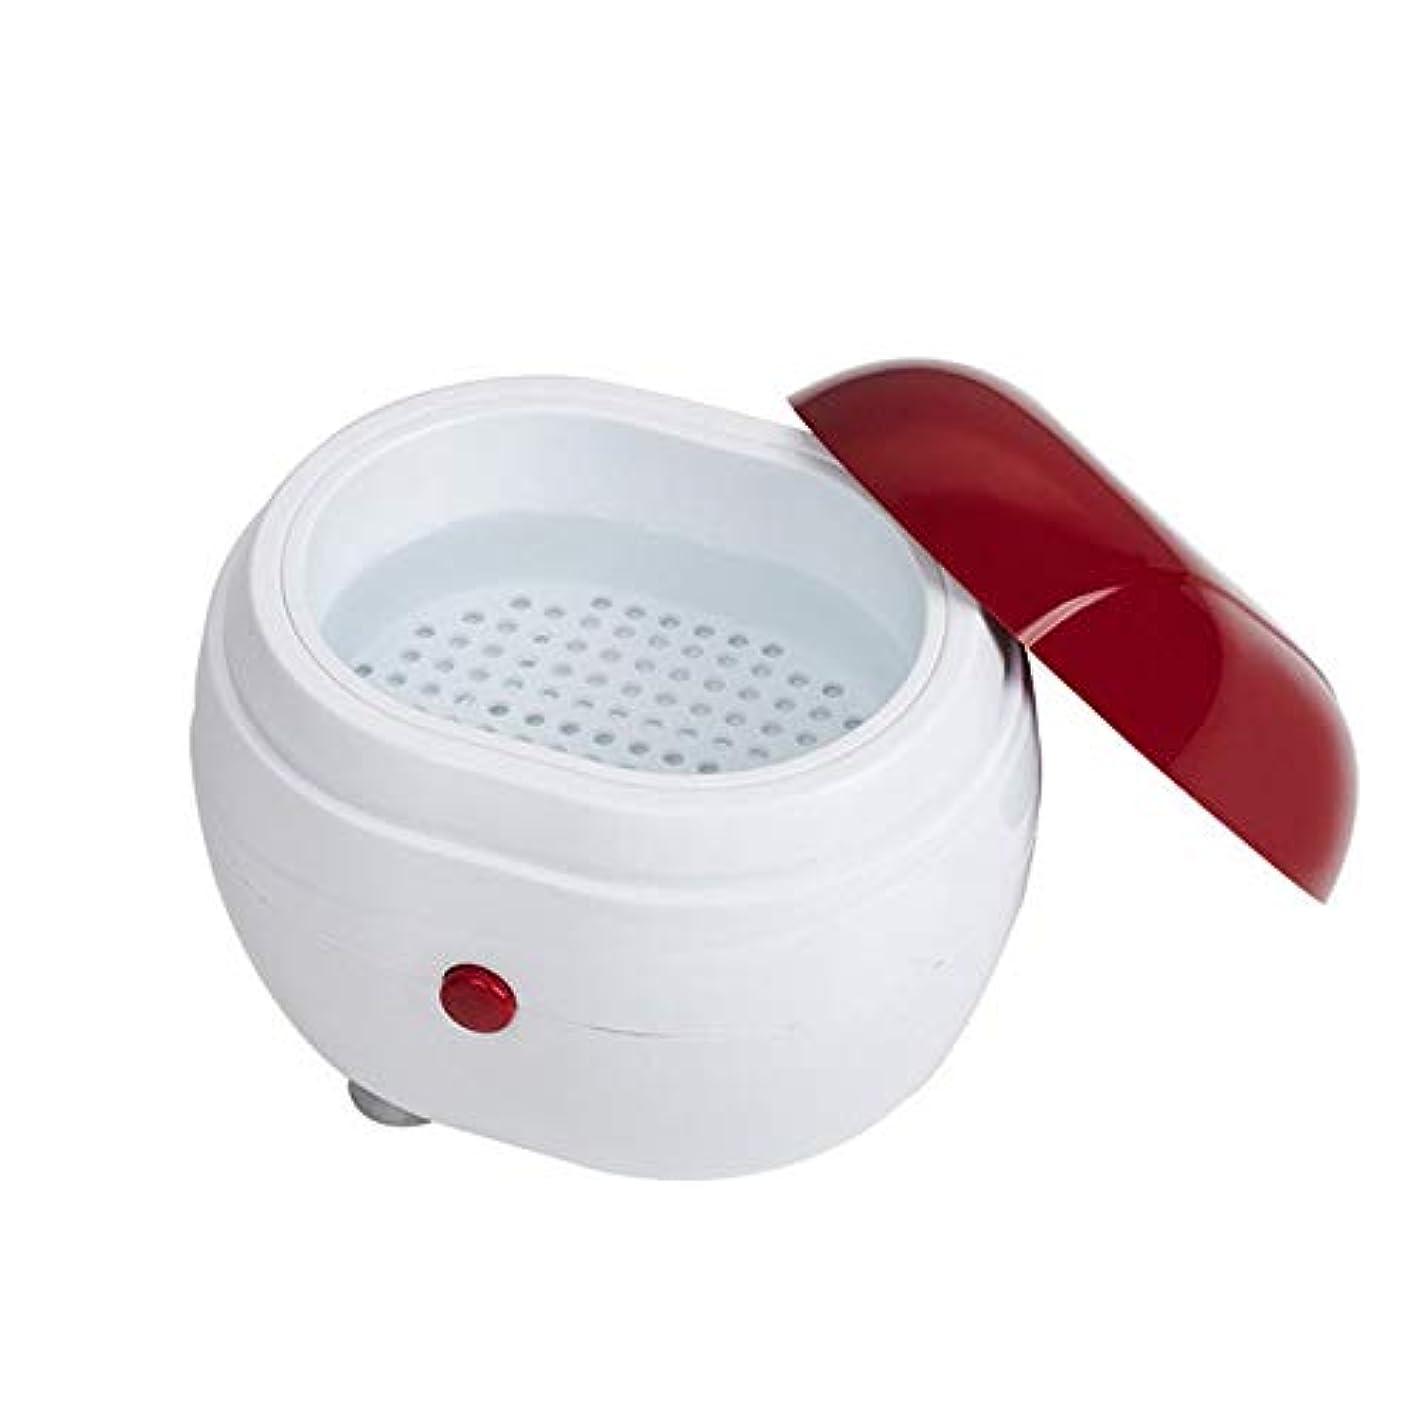 統計自己ささいなポータブル超音波洗濯機家庭用ジュエリーレンズ時計入れ歯クリーニング機洗濯機クリーナークリーニングボックス - 赤&白